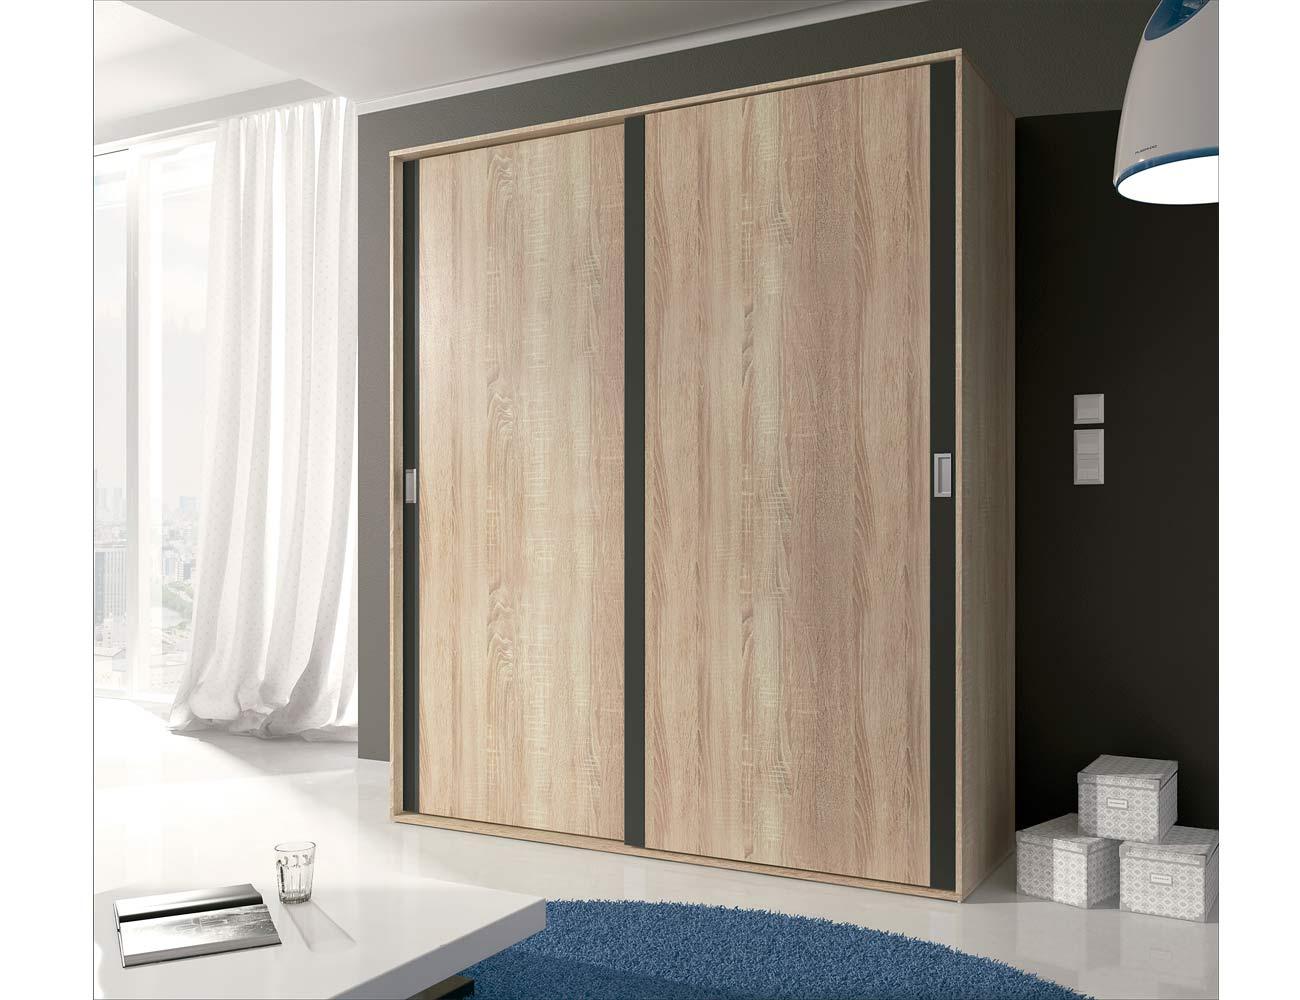 13 armario 2 puertas correderas cambrian grafito1